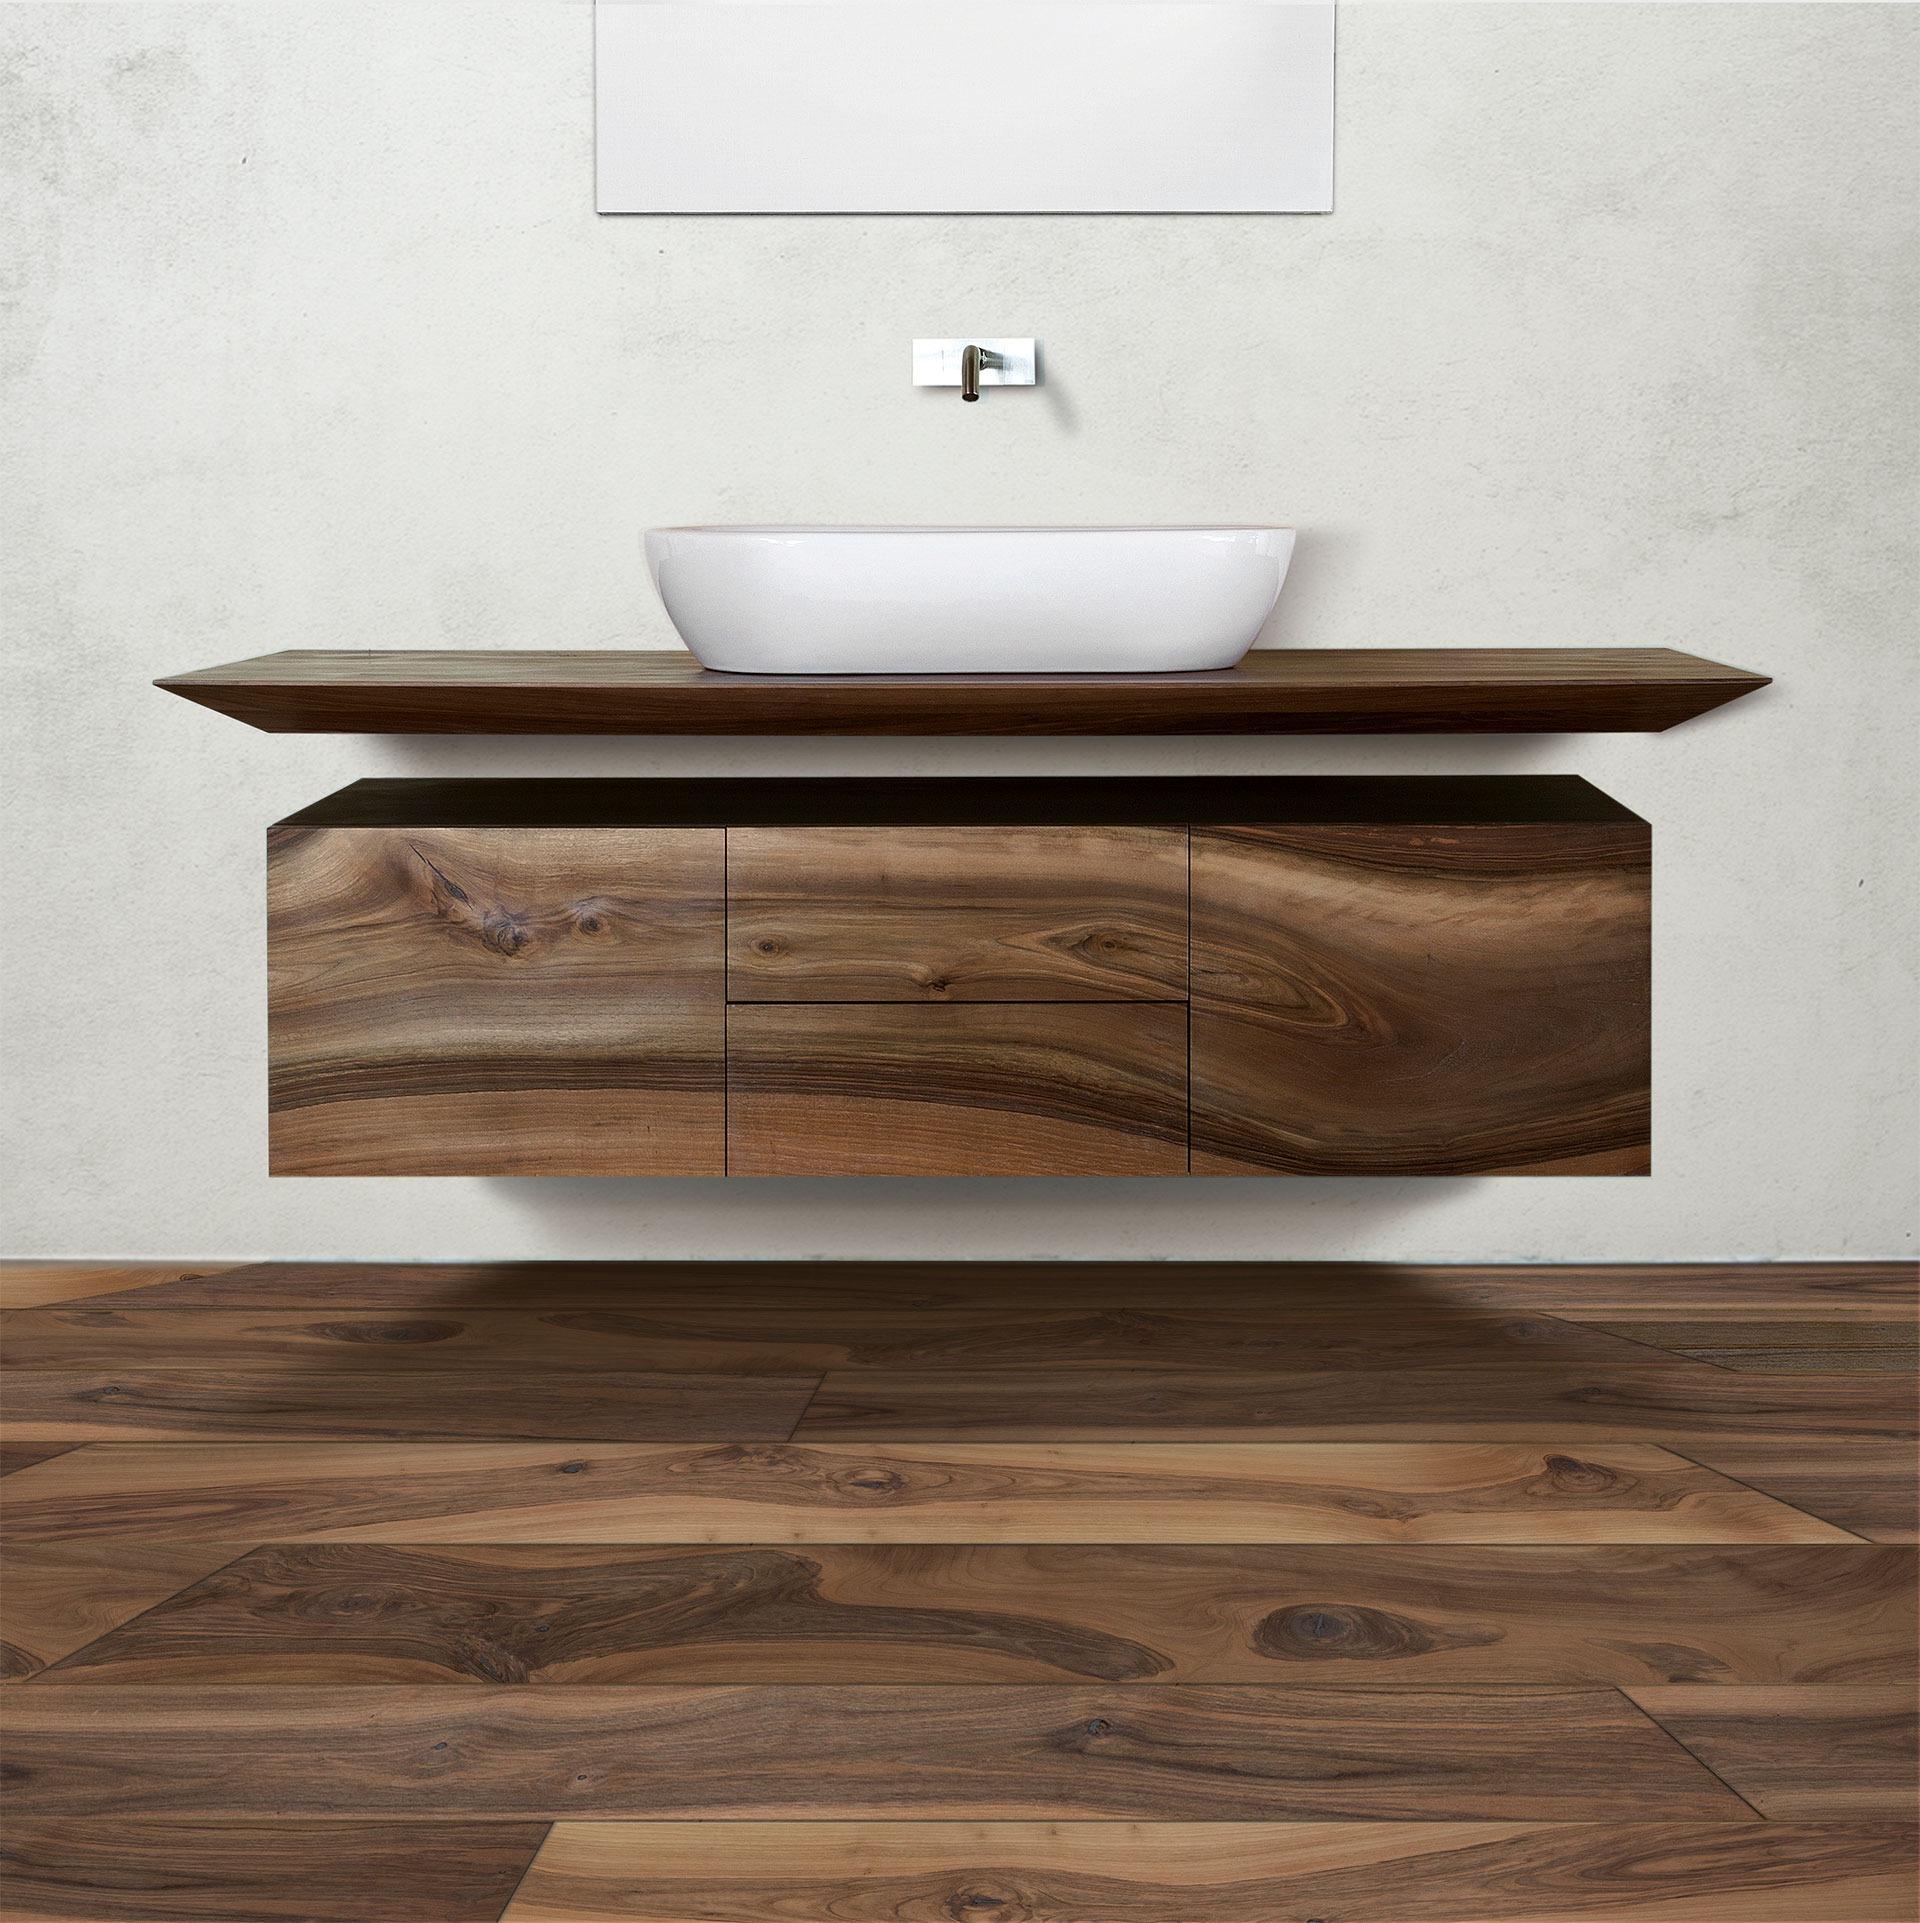 Μοντέρνο έπιπλο μπάνιου σε λιτή μίνιμαλ γραμμή